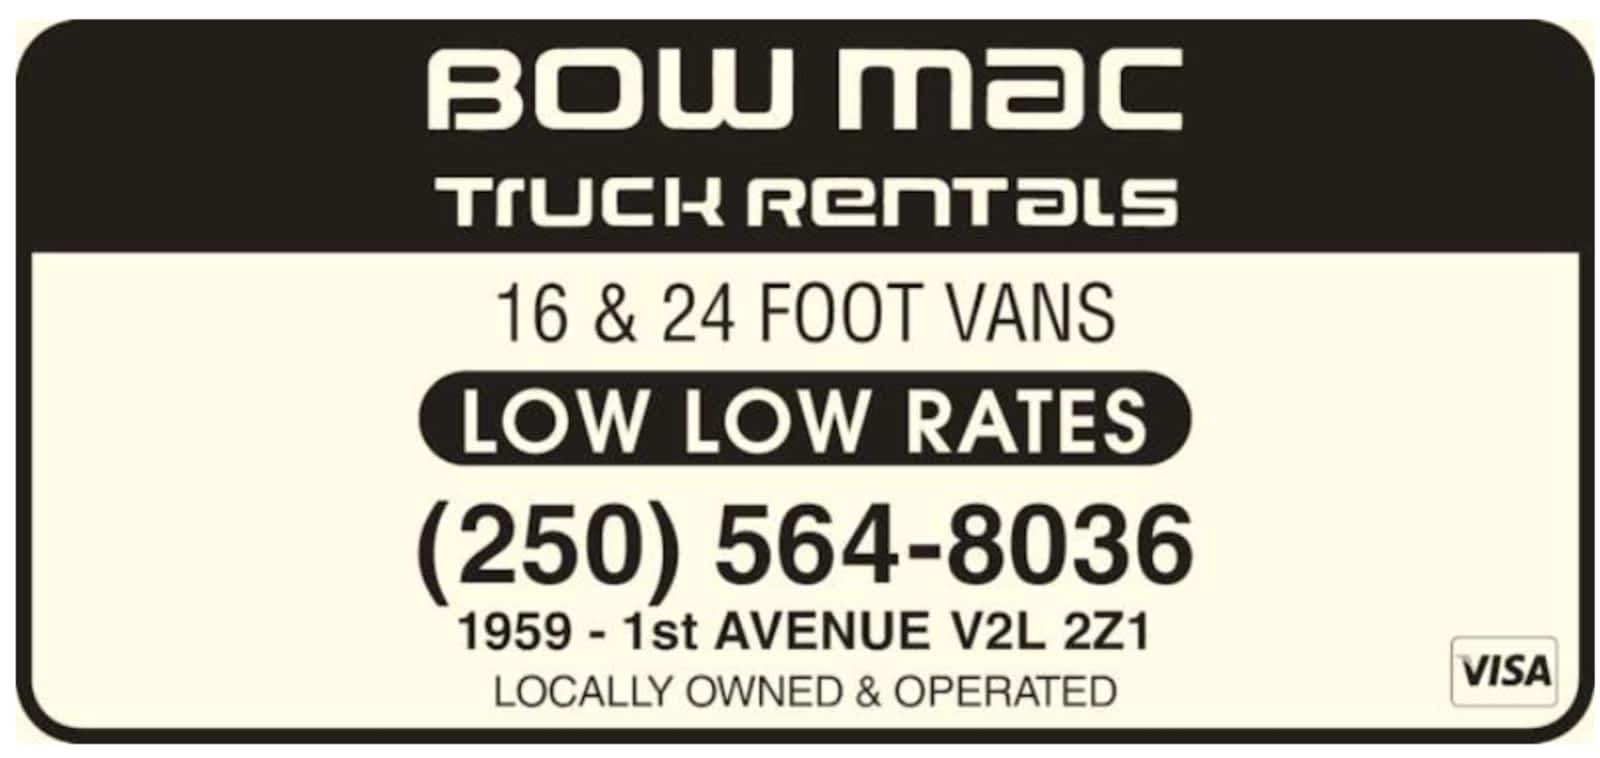 Bowmac truck rentals